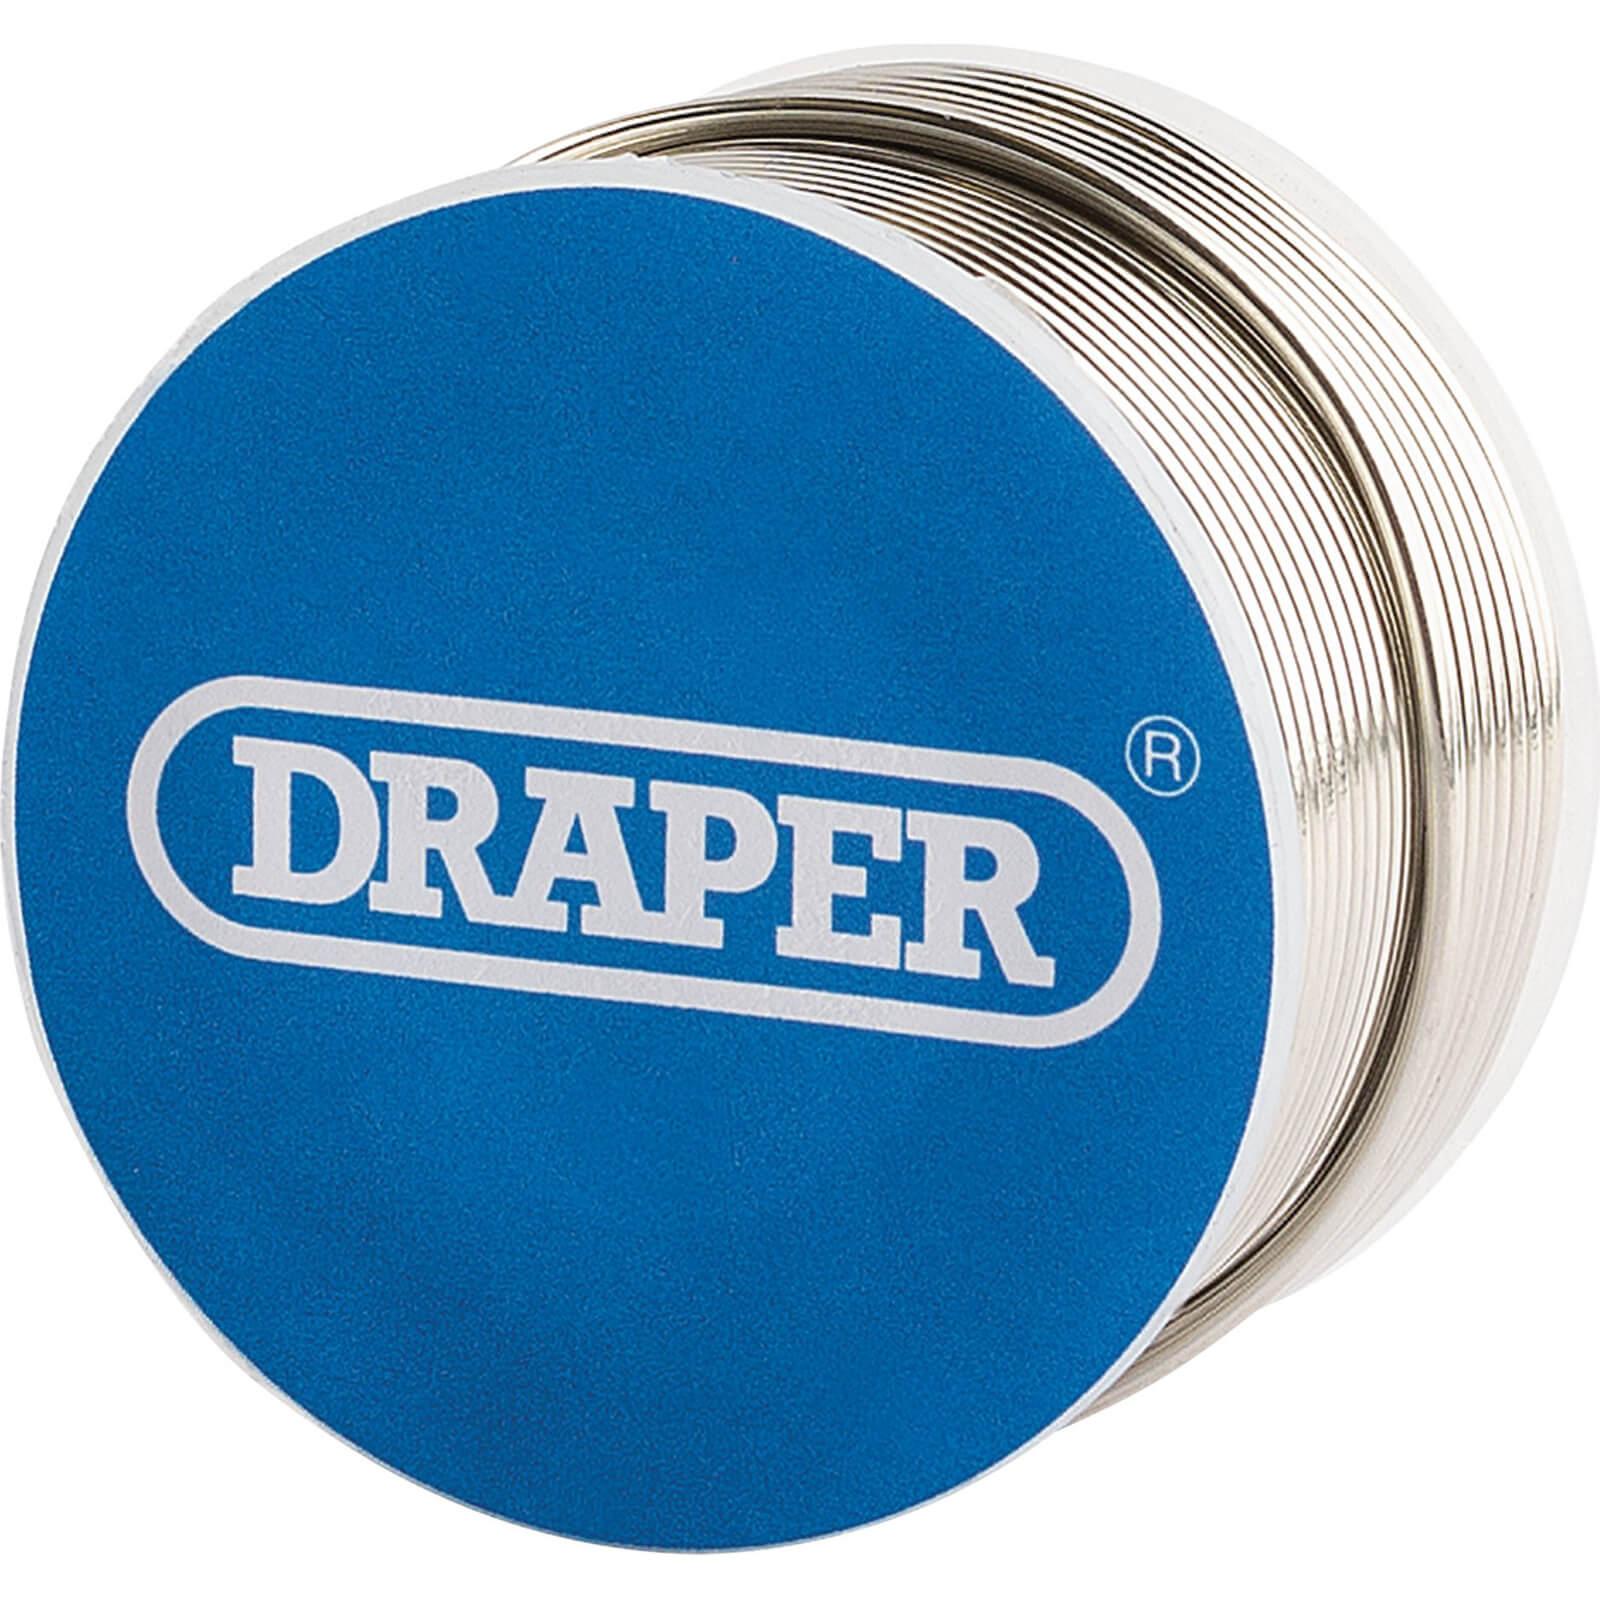 Image of Draper Lead Free Flux Cored Solder Wire Reel 100g